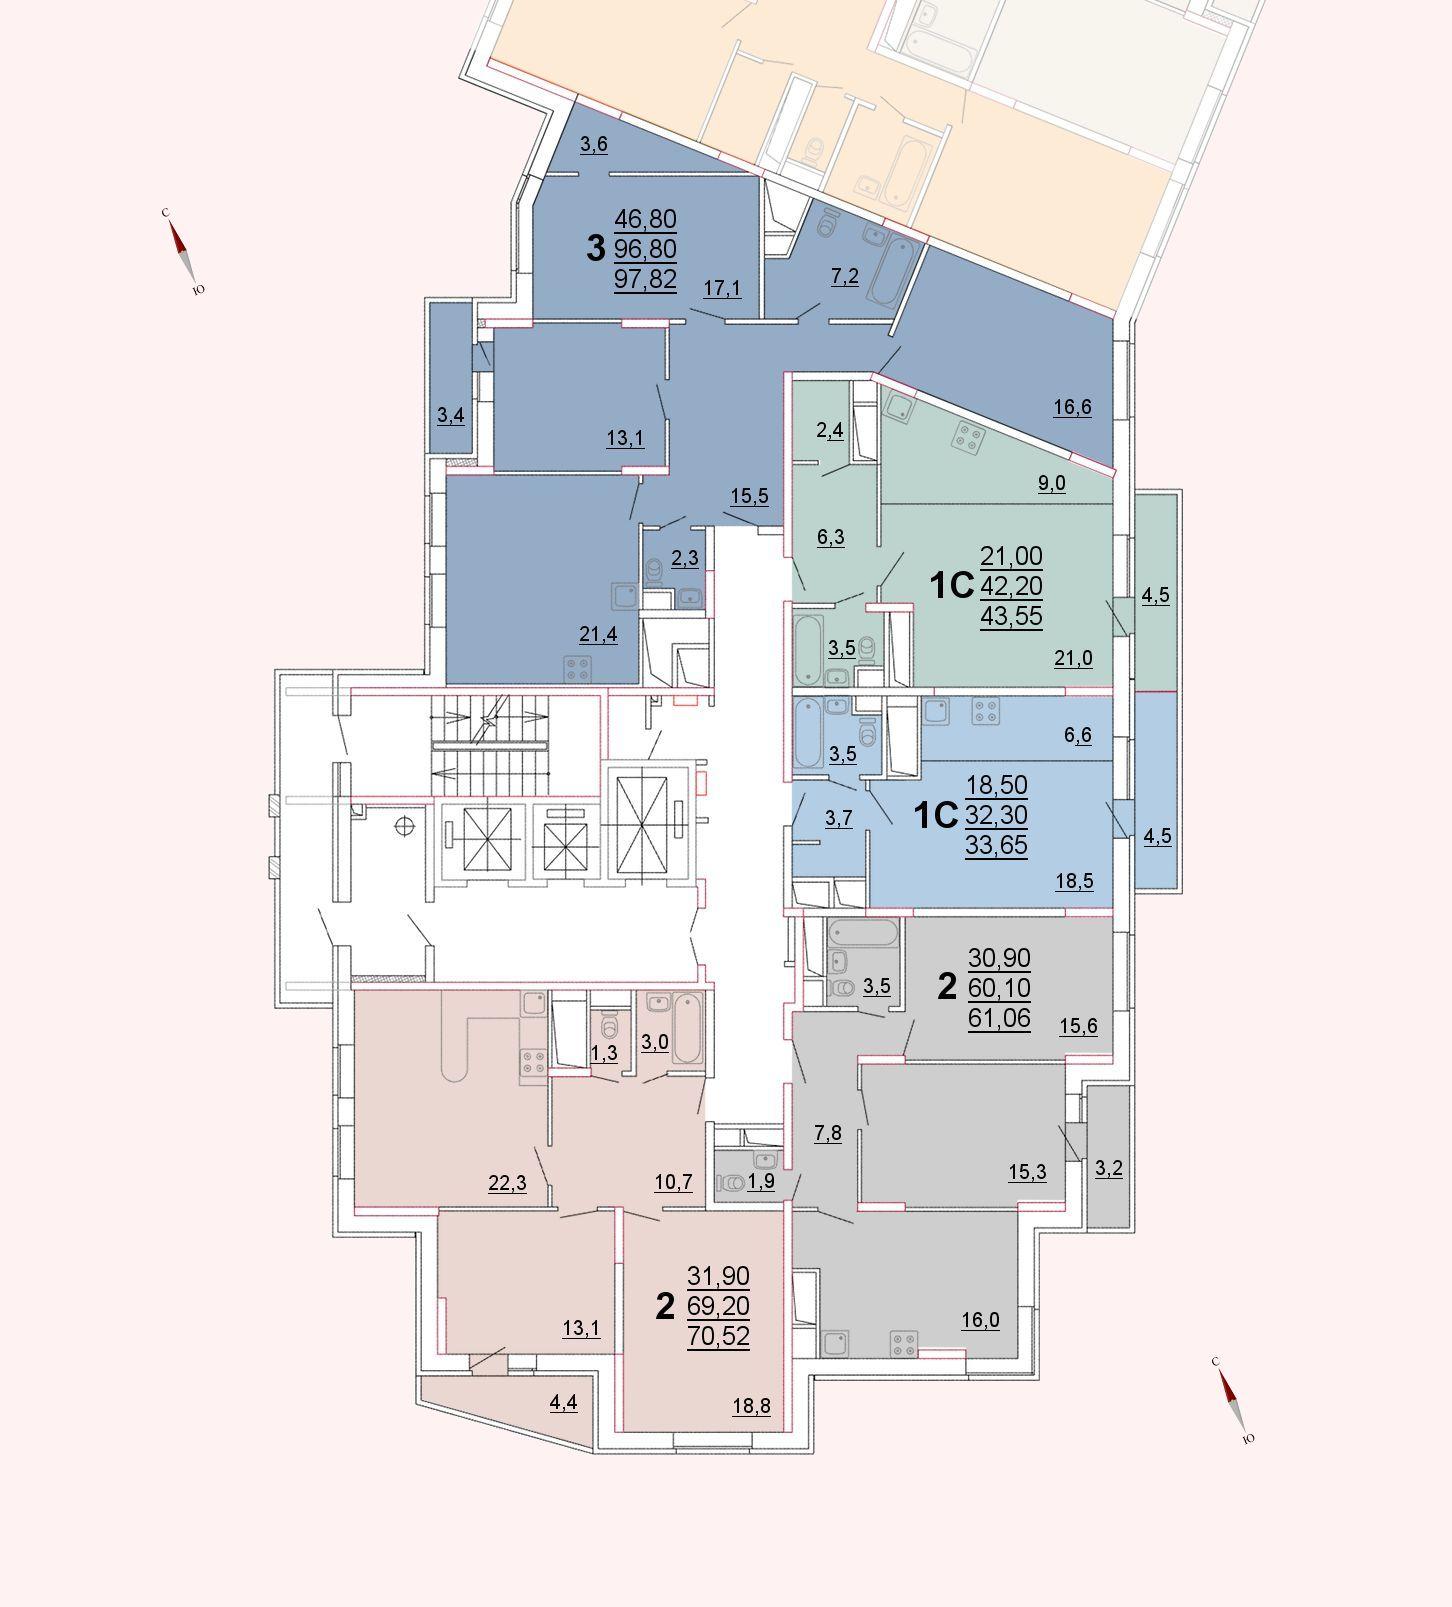 Микрорайон «Центральный», корпус 52а, секция 1, этажи 22-23